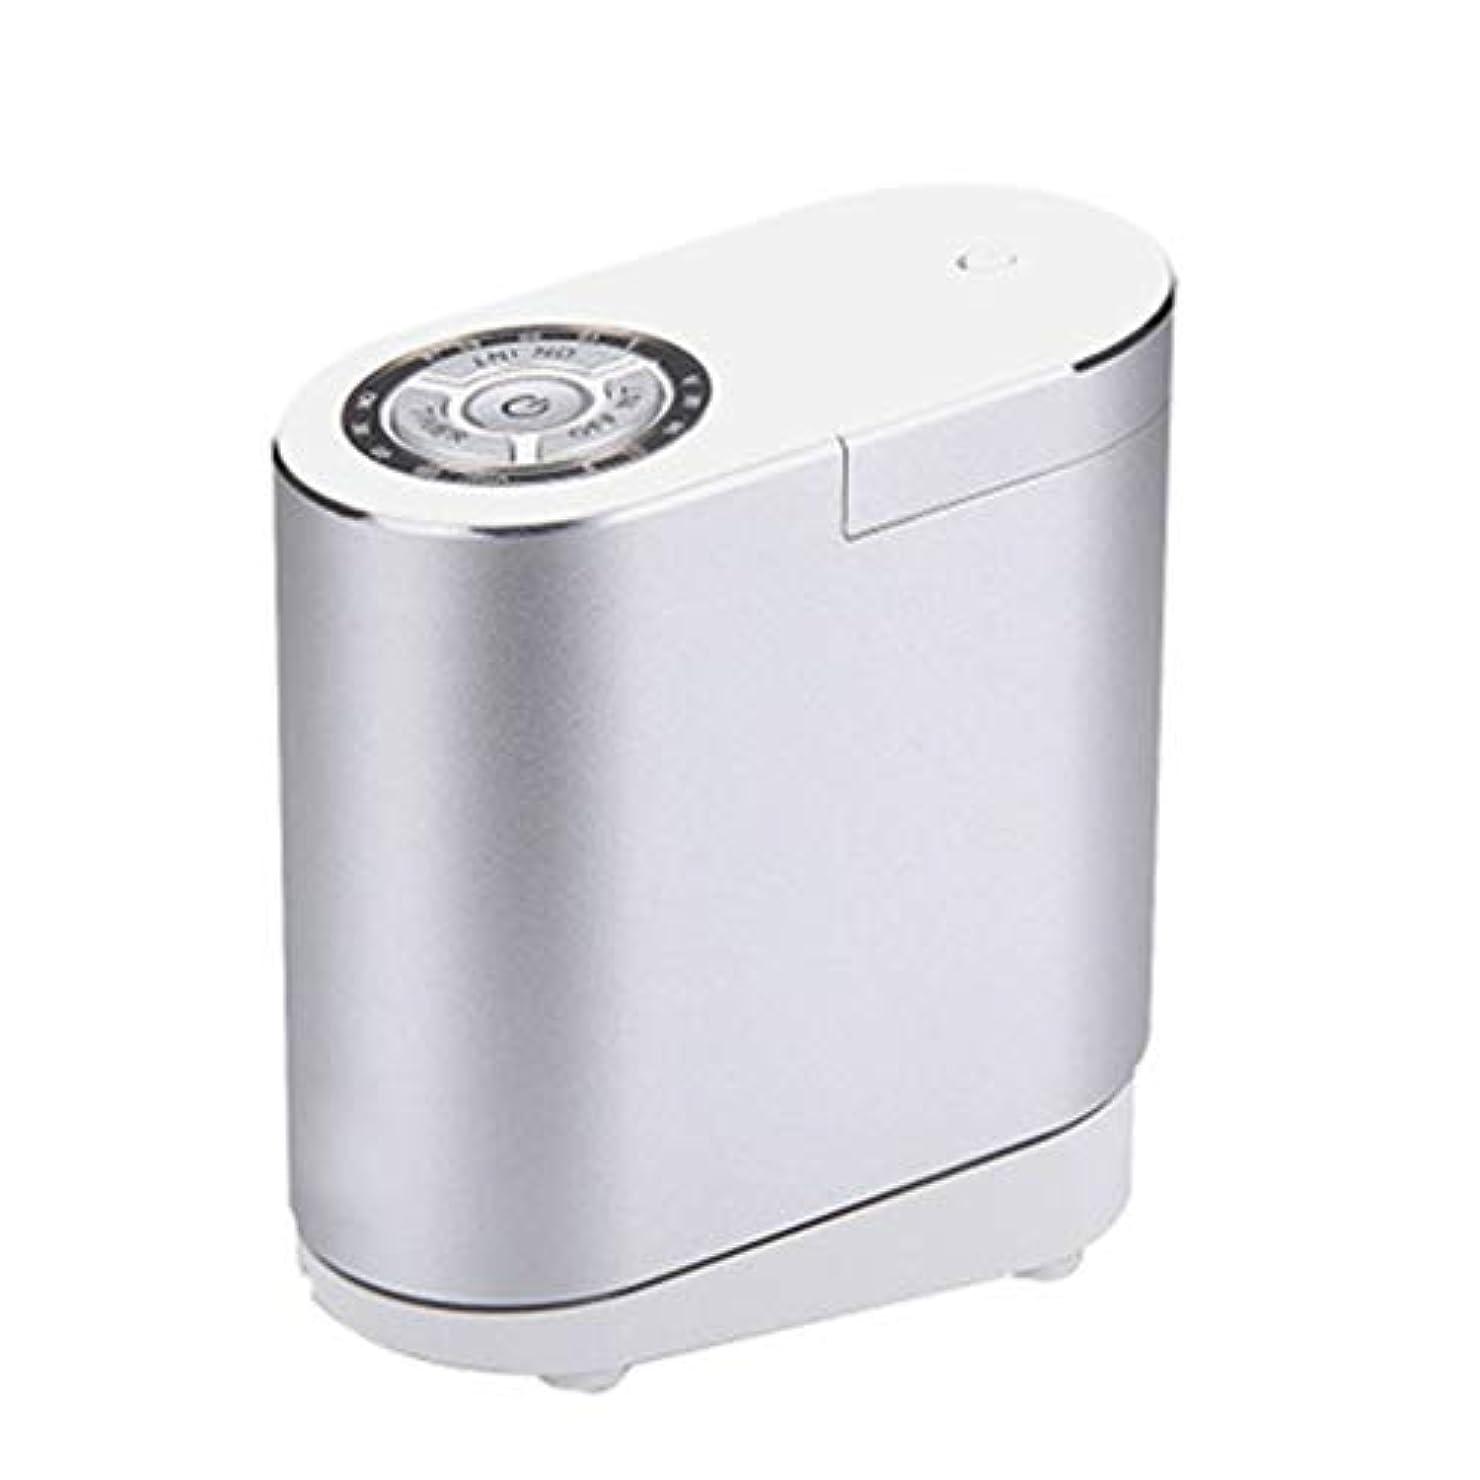 力学今日ワンダークールミスト空気加湿器、30ミリリットルディフューザーエアコン、4Sショップのリビングルームの研究寝室のオフィスに適して (Color : Silver)